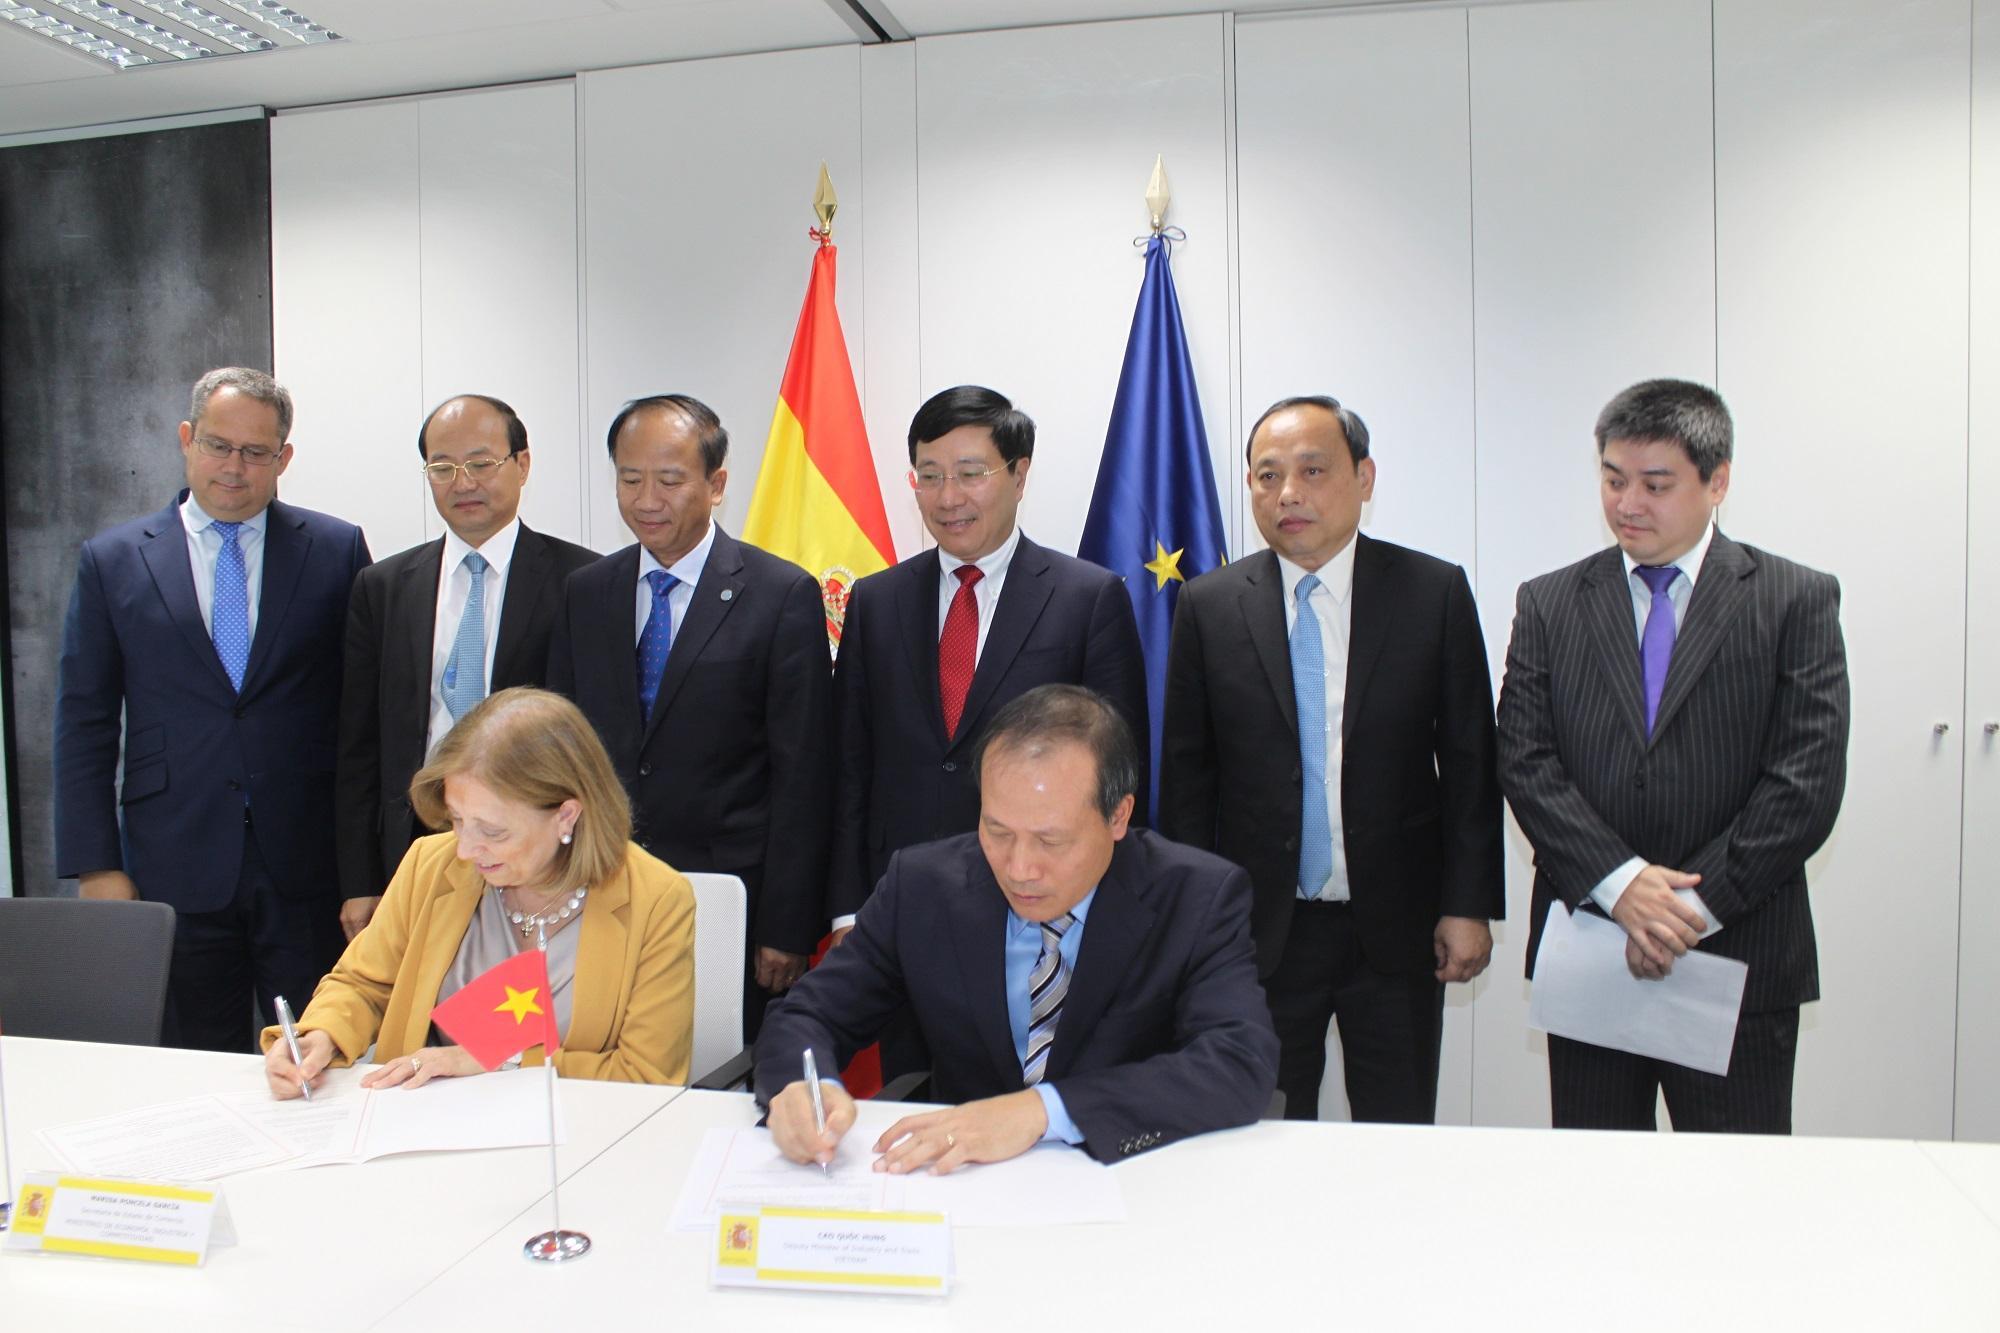 Phó Thủ tướng Phạm Bình Minh chủ trì Diễn đàn kinh tế Việt Nam – Tây Ban Nha